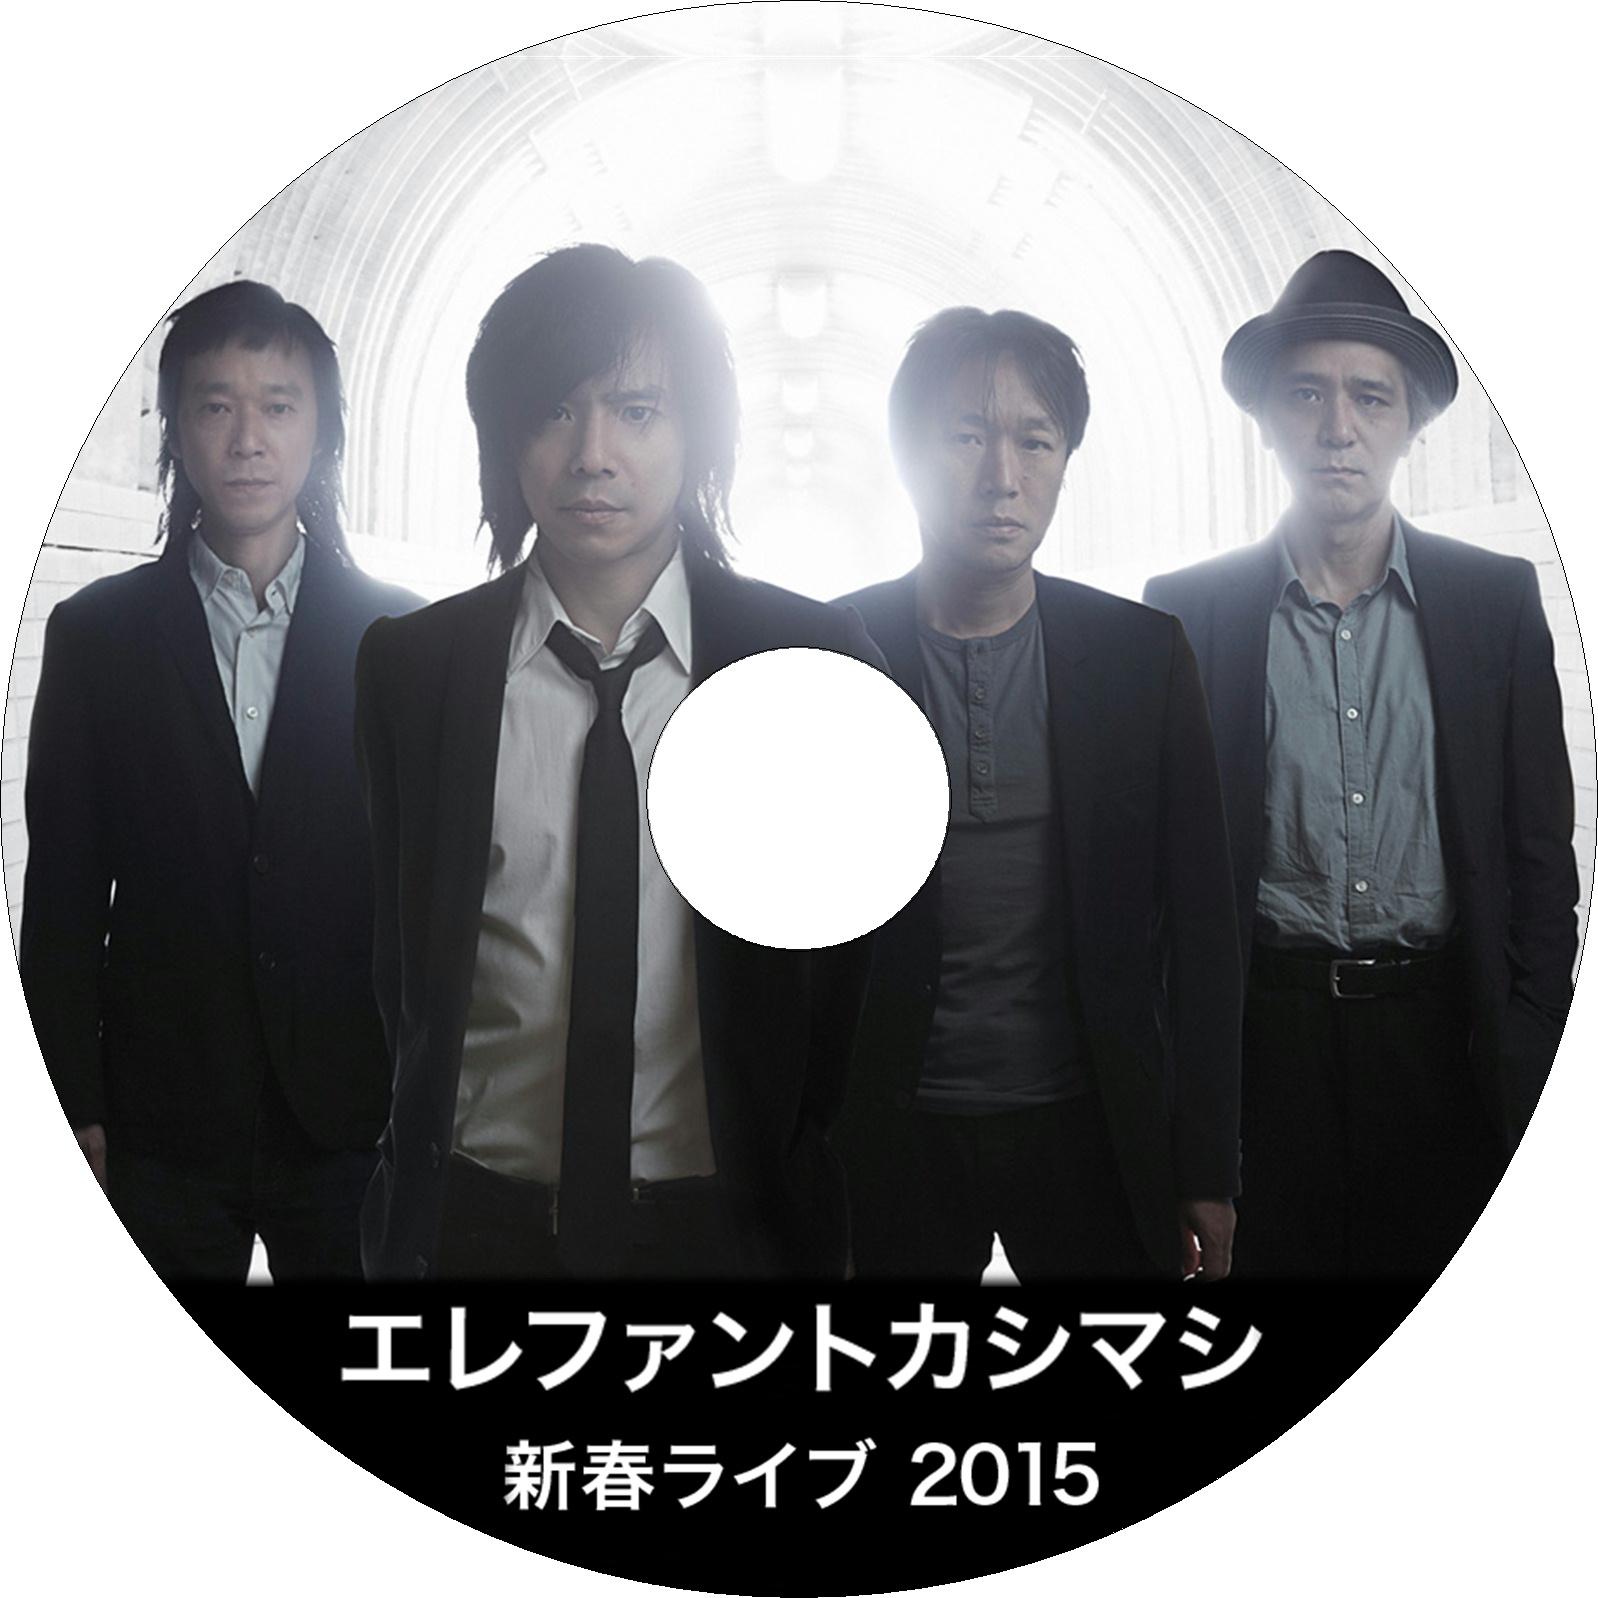 エレファントカシマシ 新春ライブ 2015 ラベル